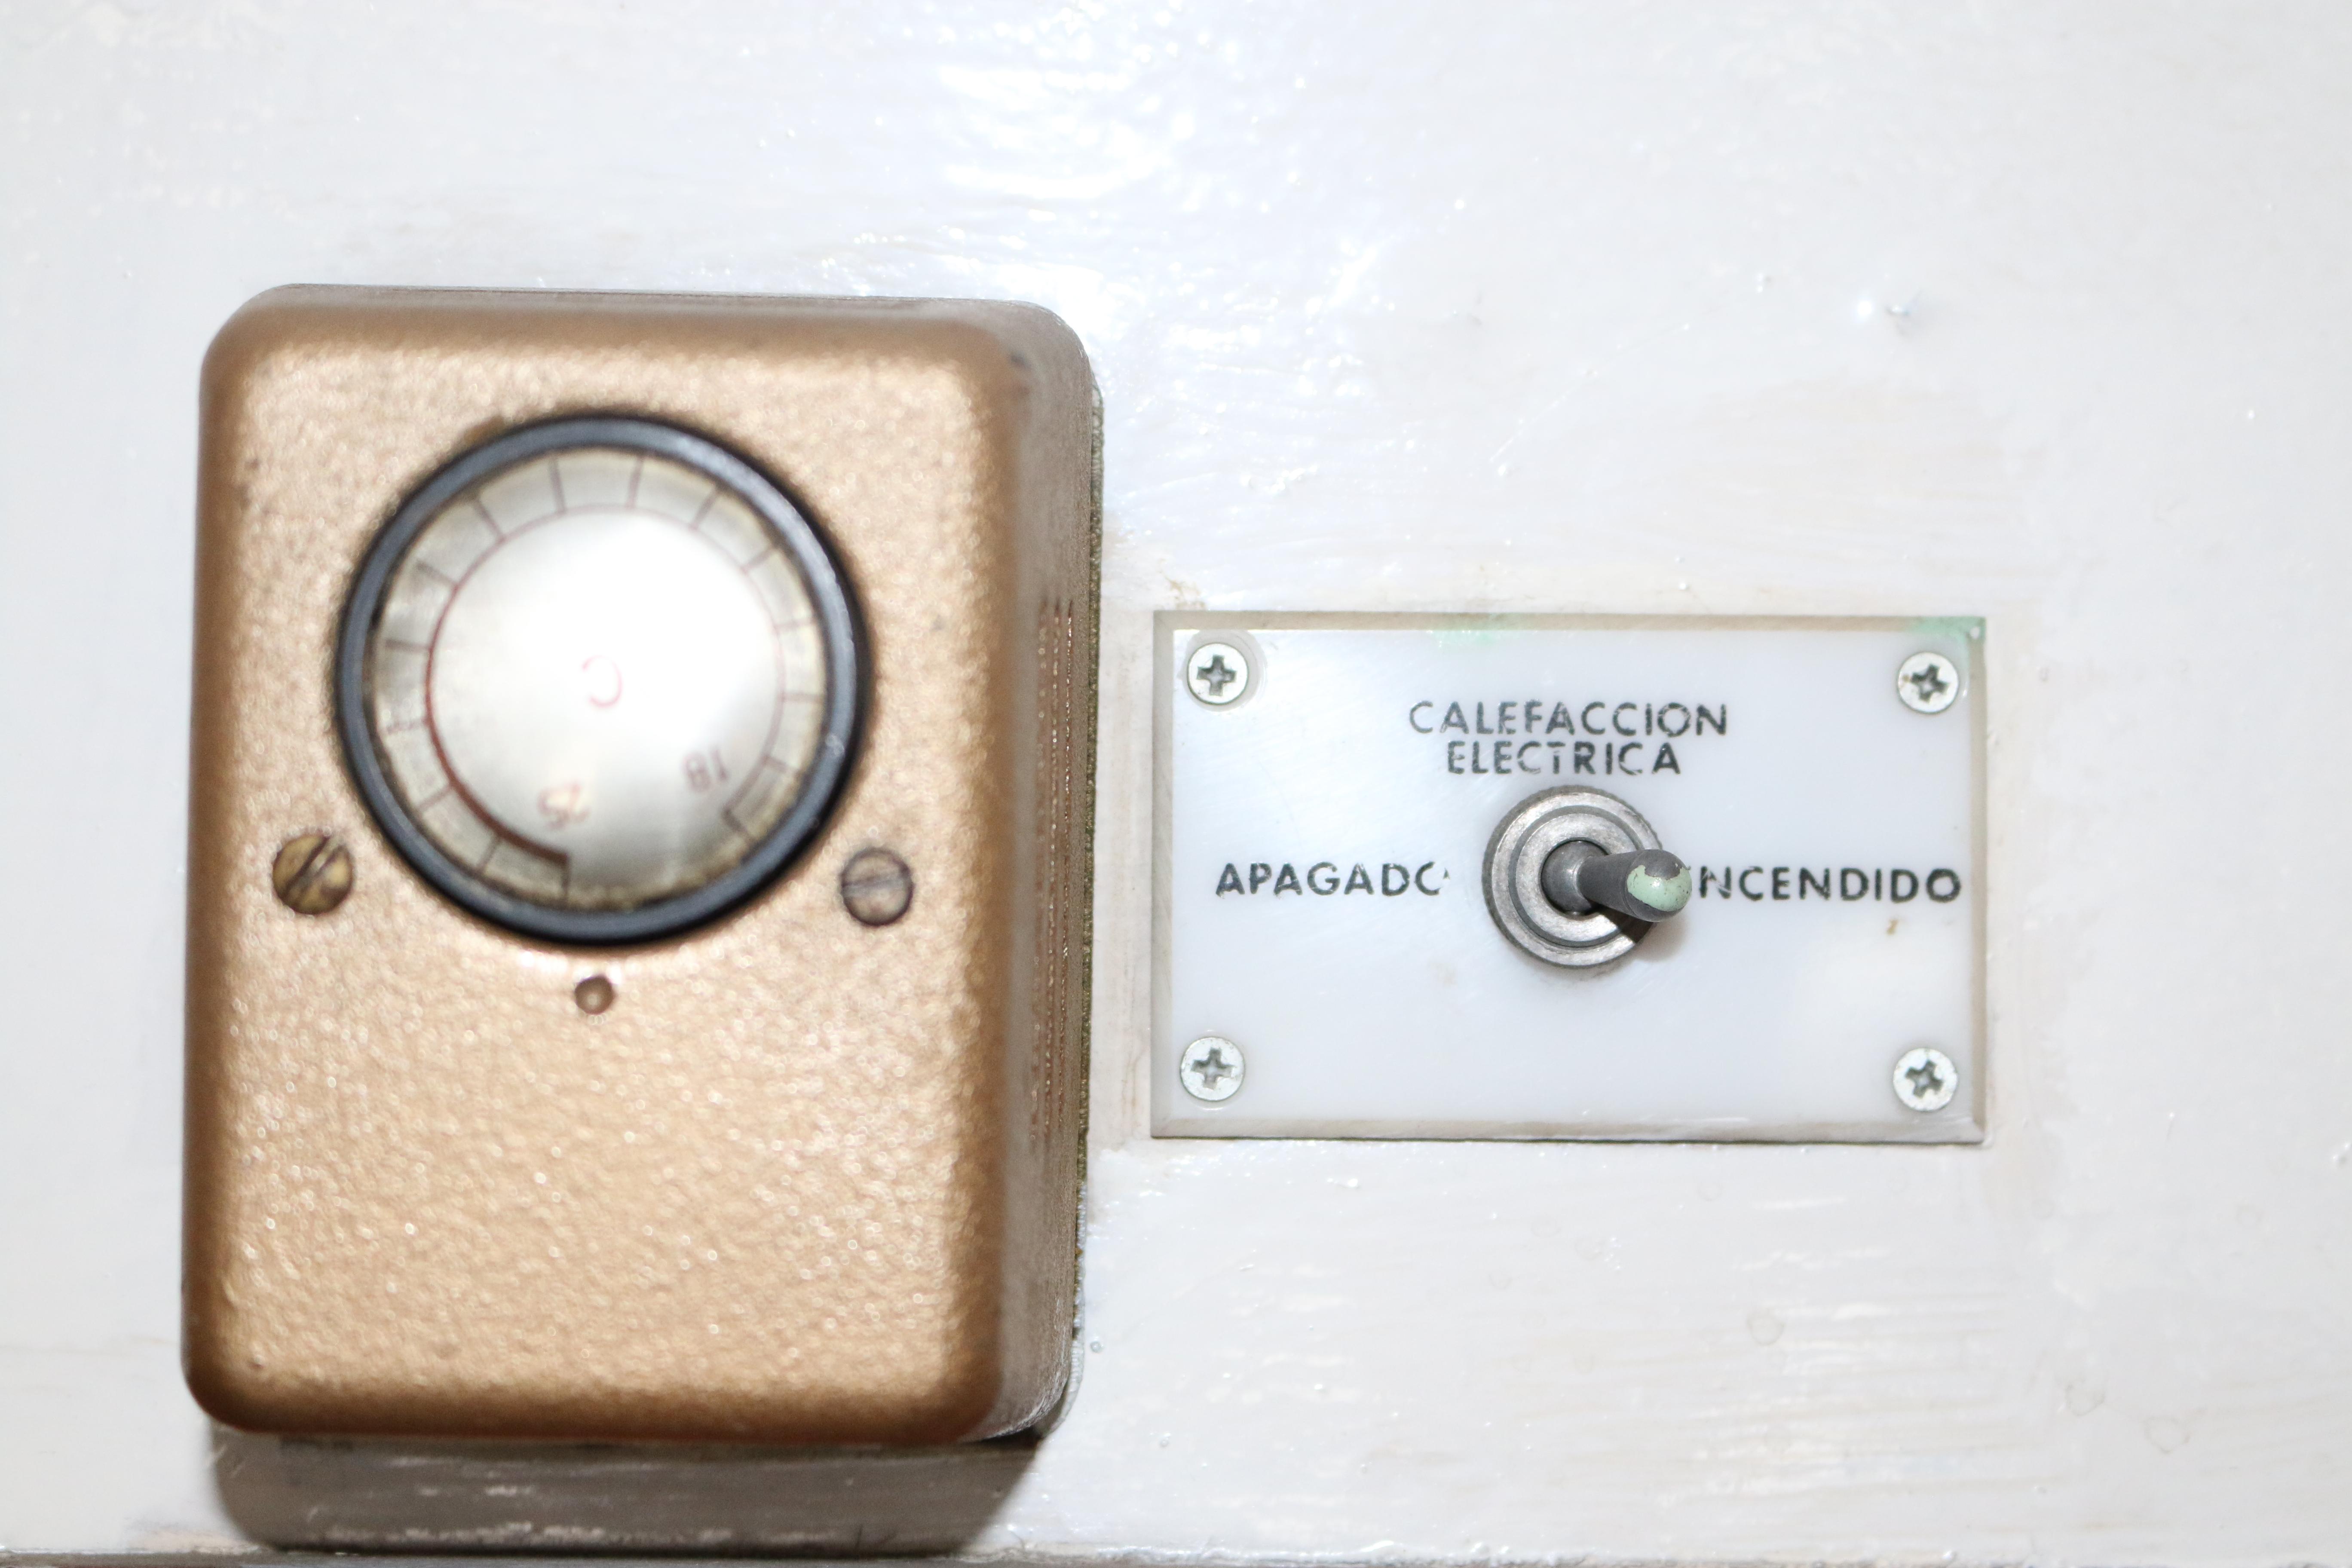 Mandos de calefacción eléctrica en Tren de Felipe II